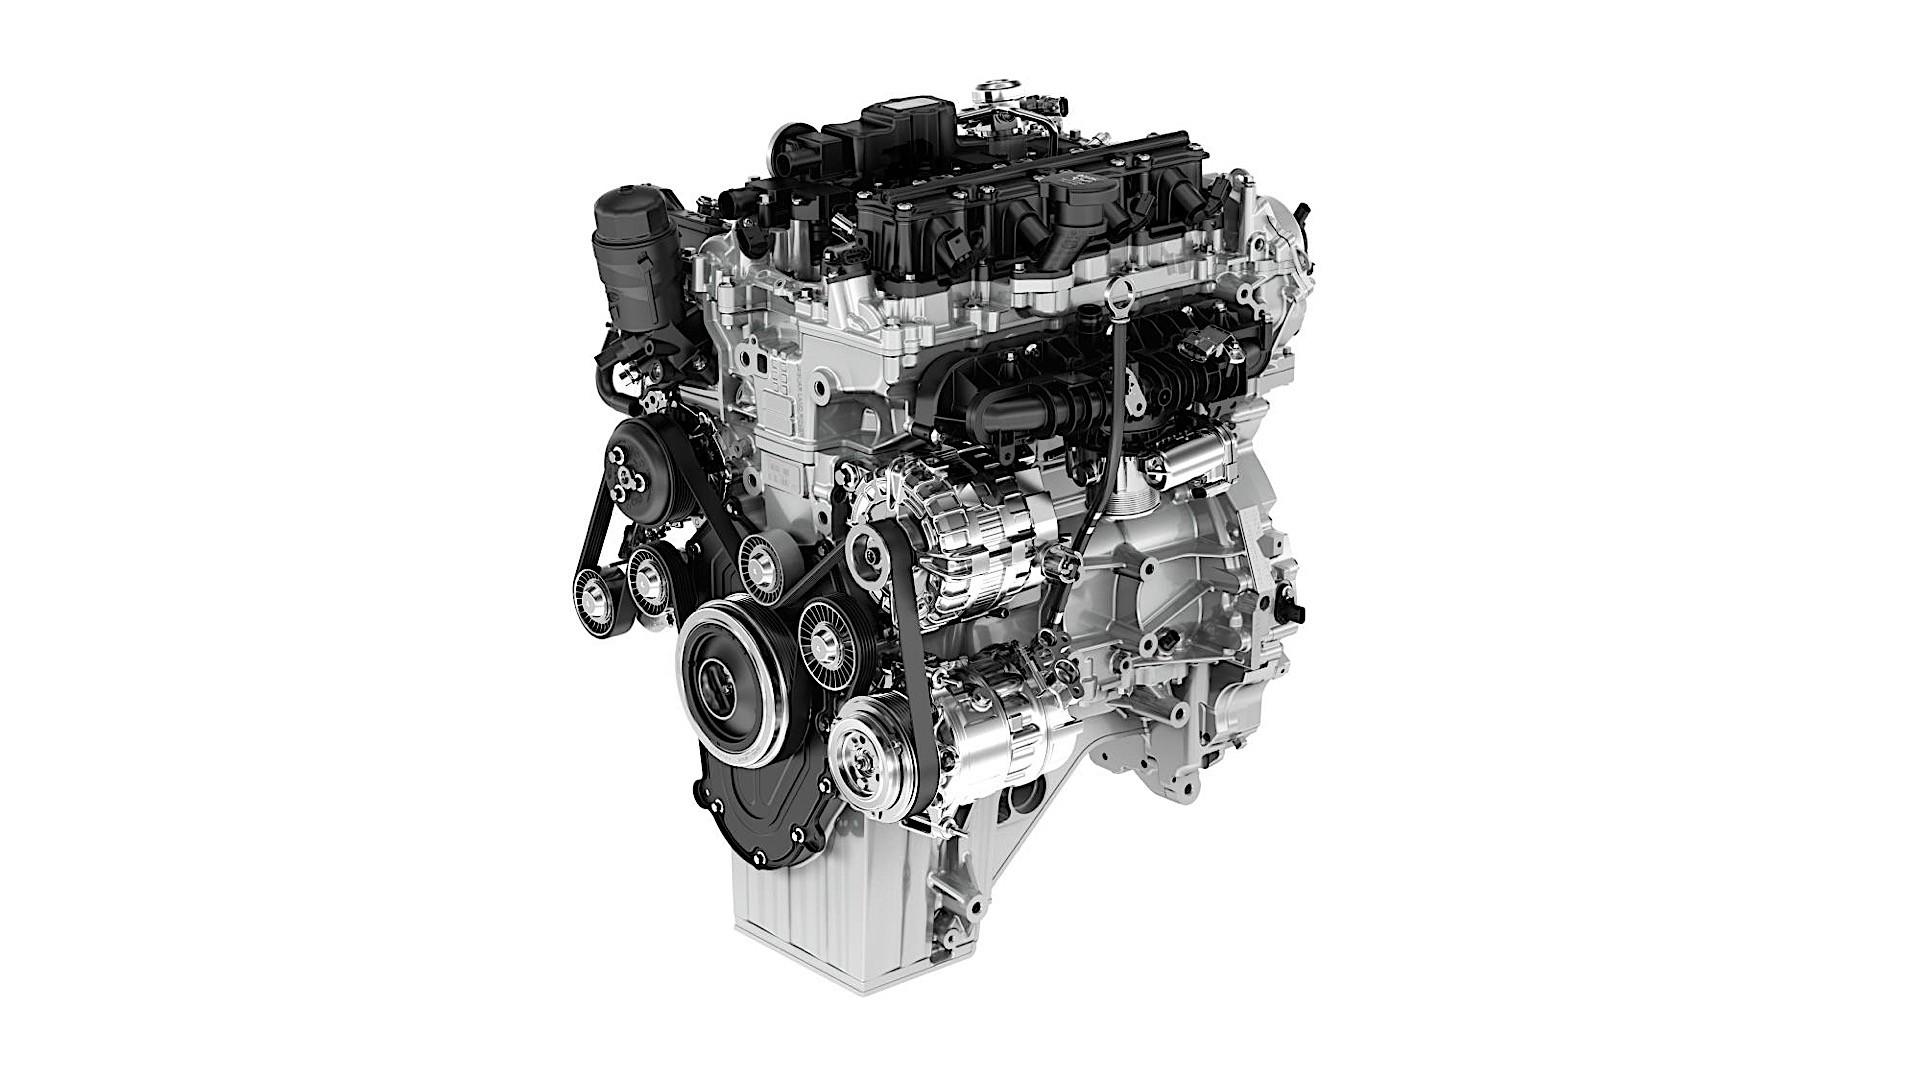 lemons engines racing bad good twelve img cylinders eight in jaguar